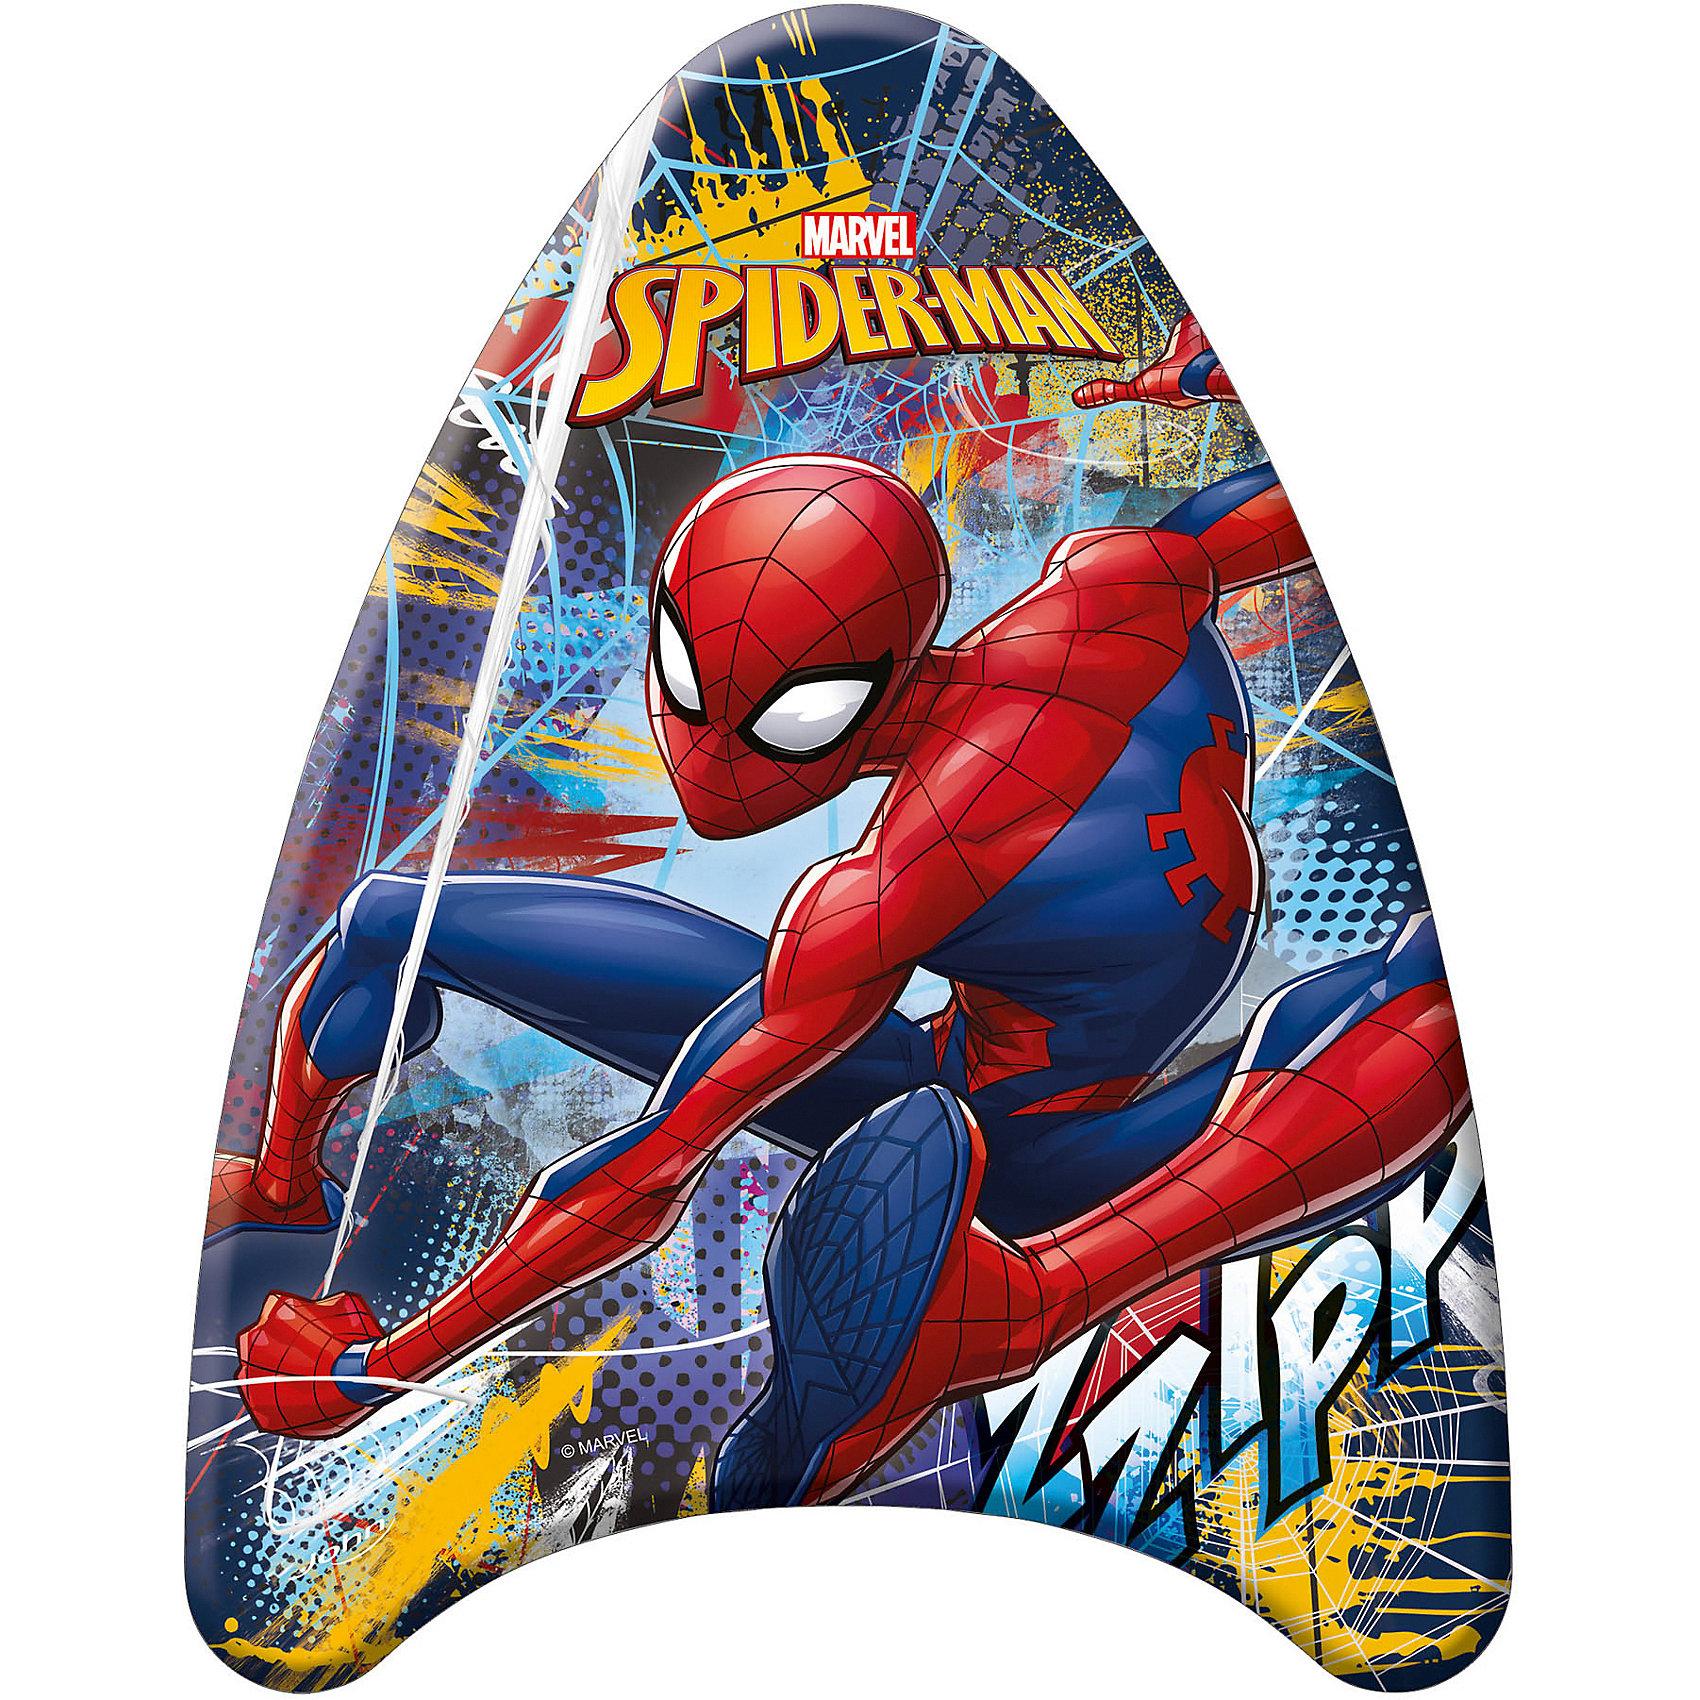 Доска для плавания (малая), Человек-ПаукДоска для плавания (малая), Человек-Паук (Spider-Man).<br><br>Характеристика:<br><br>• Материал: пенопласт, ПВХ. <br>• Размер: 42х32х3,5 см <br>• Максимальная нагрузка: 30 кг <br>• Вес: 175 г.<br>• Треугольная обтекаемая форма, препятствующая опрокидыванию.<br>• Оформлена изображением Человека-Паука (Spider-Man) .<br><br>Внимание! <br>Не является спасательным средством! Использовать только под наблюдением опытного инструктора или при непосредственном участии родителей!<br><br>Доска с изображением любимого героя станет неизменным спутником вашего ребенка во время купания и игр в воде.  Доска изготовлена из высококачественного прочного материала, с использованием стойких, нетоксичных, безопасных для детей красителей. Имеет треугольную форму, препятствующую опрокидыванию и помогающую удерживаться на поверхности. <br><br>Доску для плавания (малую), Человек-Паук (Spider-Man), можно купить в нашем интернет-магазине.<br><br>Ширина мм: 35<br>Глубина мм: 420<br>Высота мм: 320<br>Вес г: 175<br>Возраст от месяцев: 36<br>Возраст до месяцев: 144<br>Пол: Мужской<br>Возраст: Детский<br>SKU: 3168458